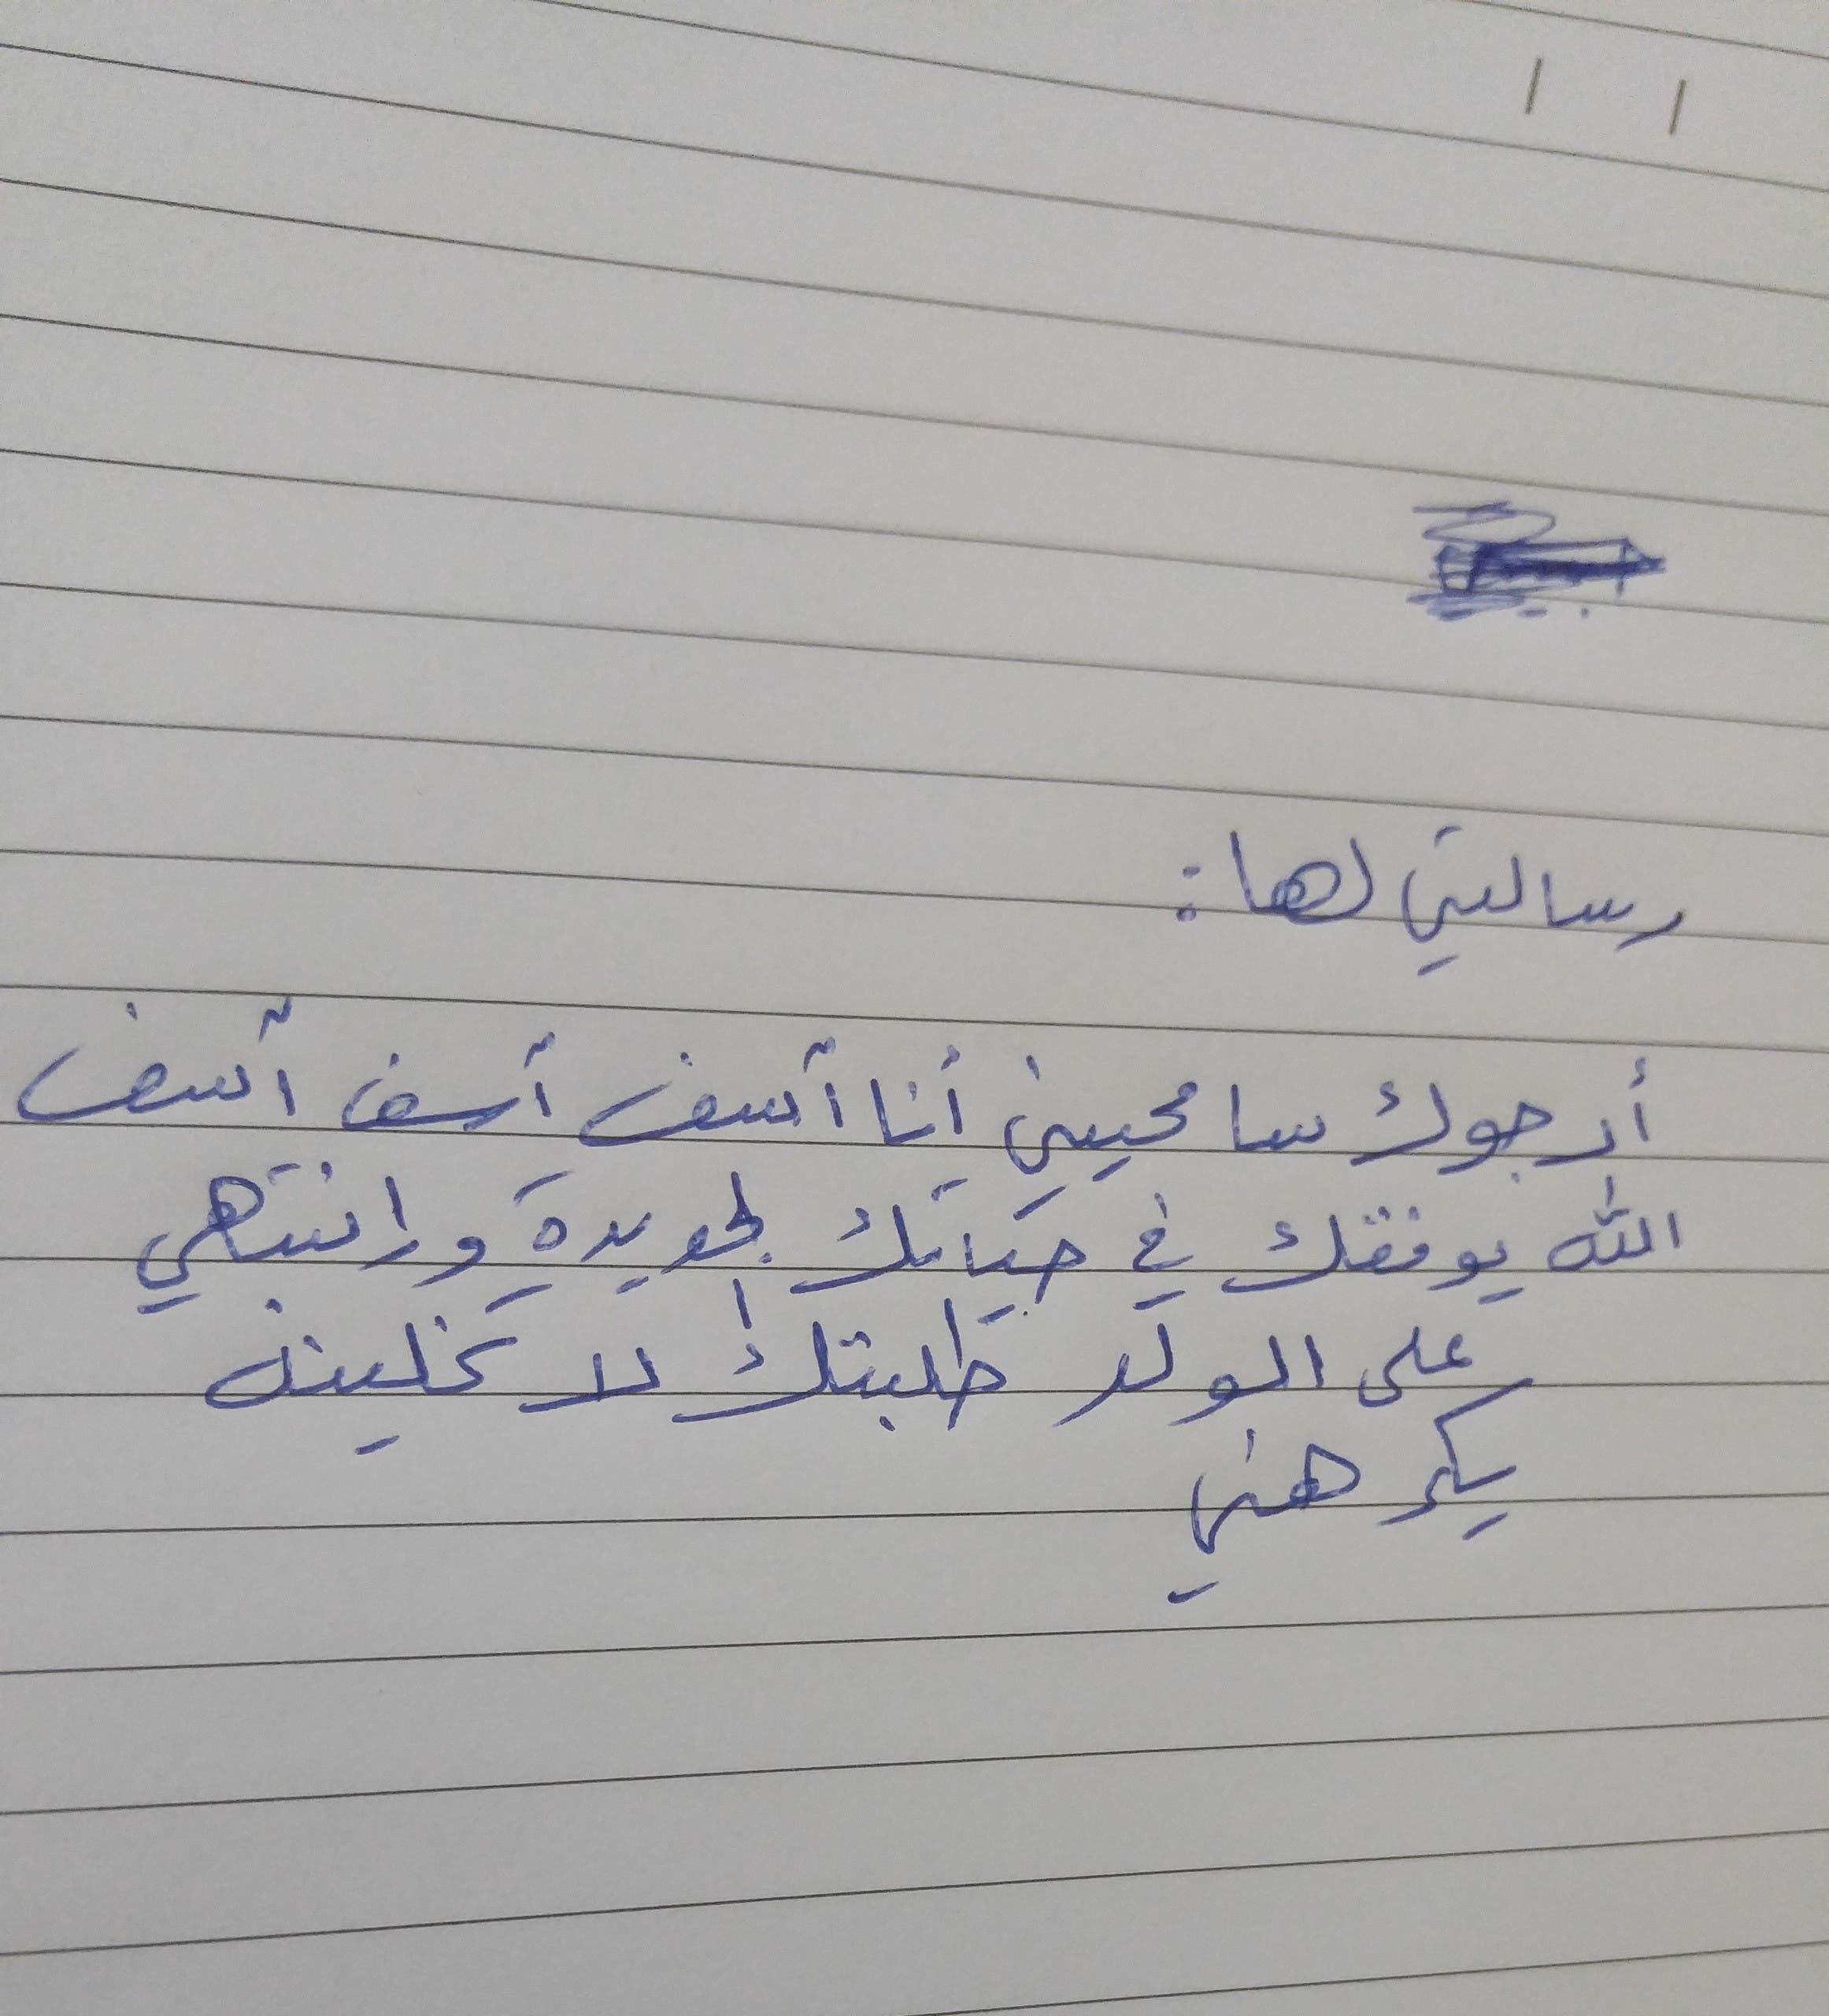 رسالة محمد عبد الرحمن لطليقته